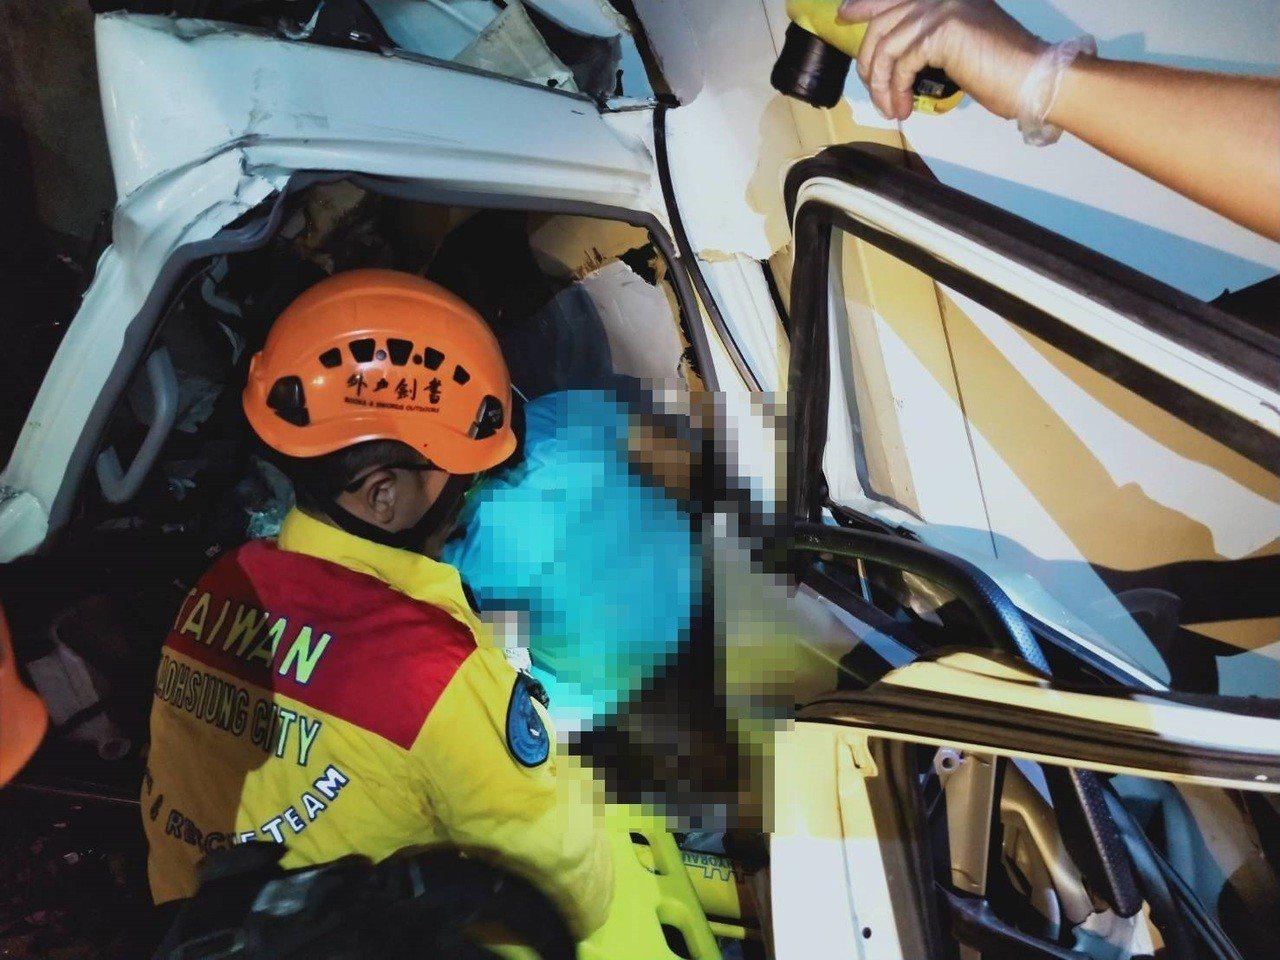 救護人員從已凹損不成形的冷凍貨車車頭抬出楊姓司機。記者林保光/翻攝